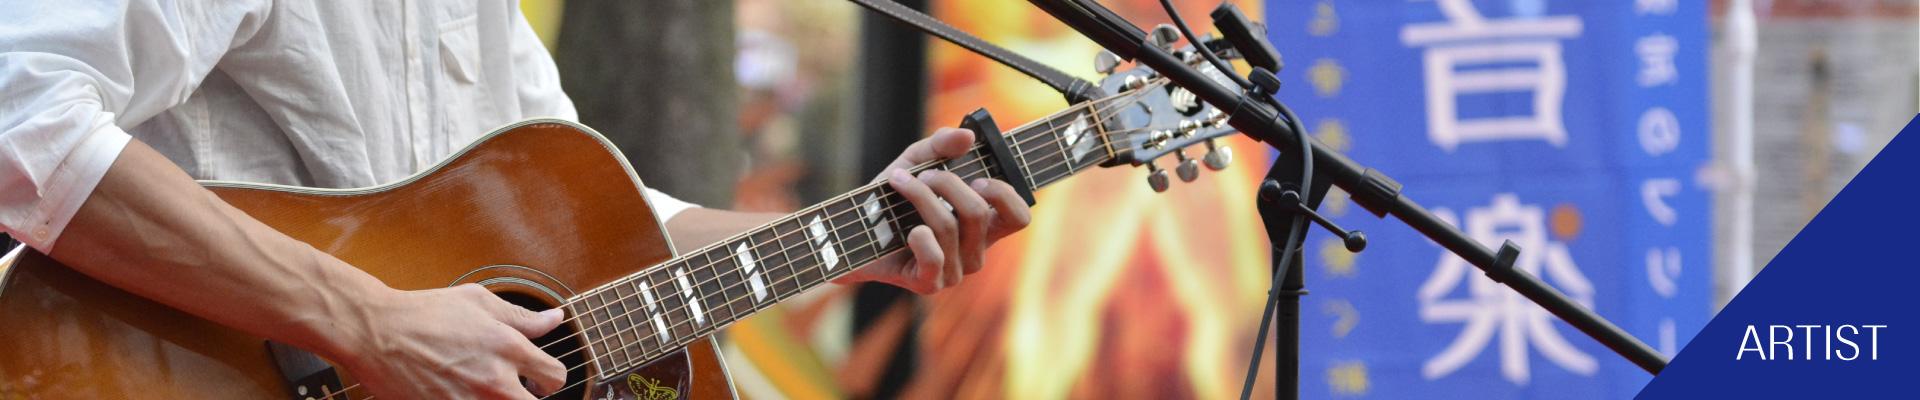 出演者紹介 |  横浜音楽空間2018 期間限定のフリーライヴスペース